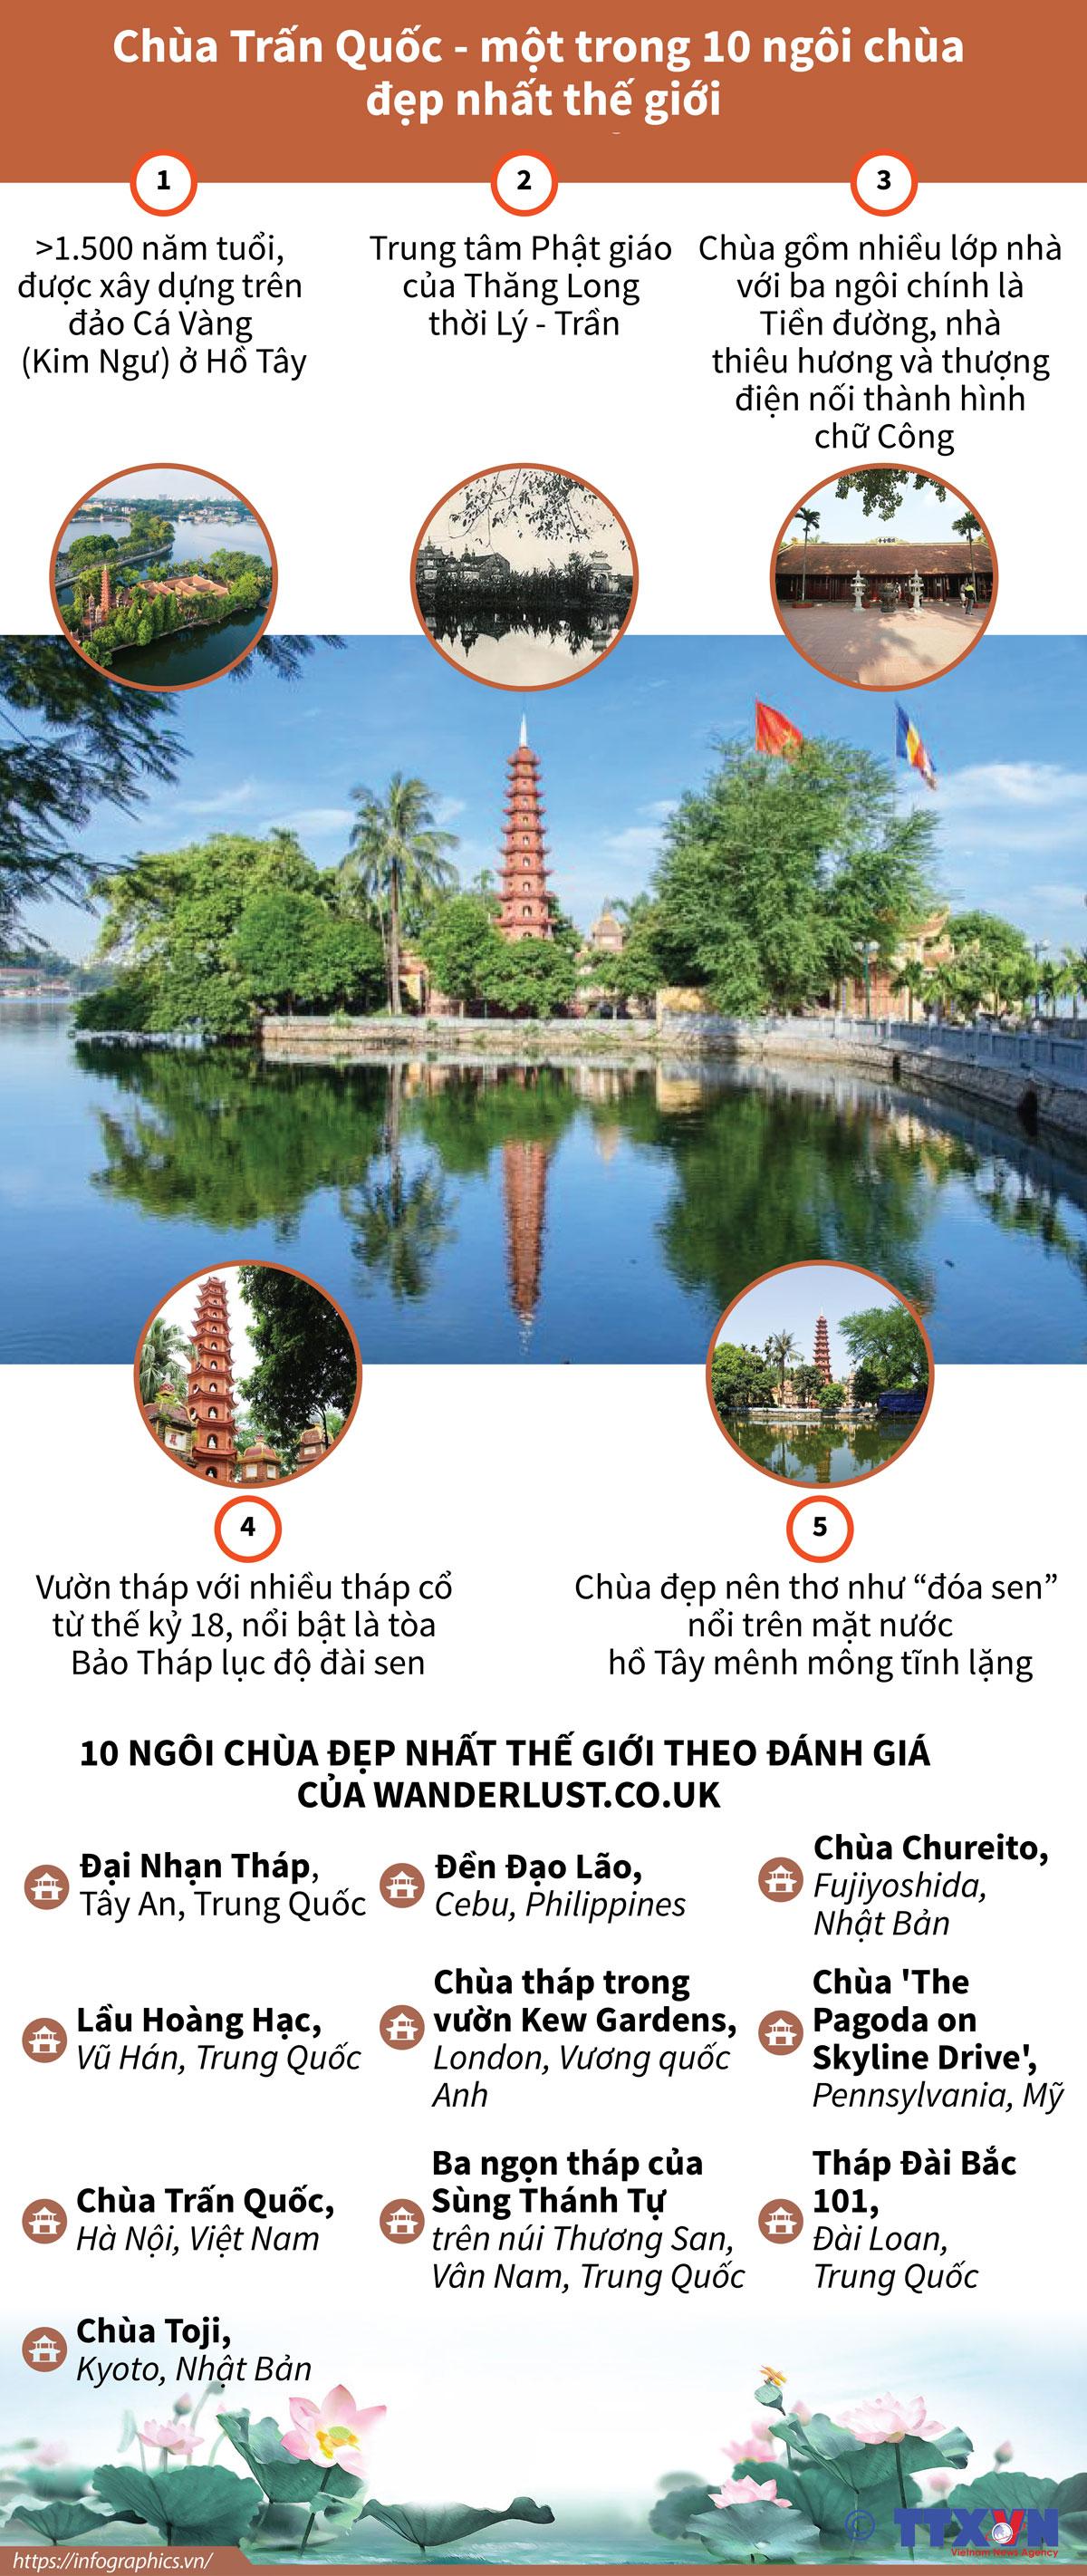 văn hóa - xã hội, chùa trấn quốc, đẹp nhất thế giới